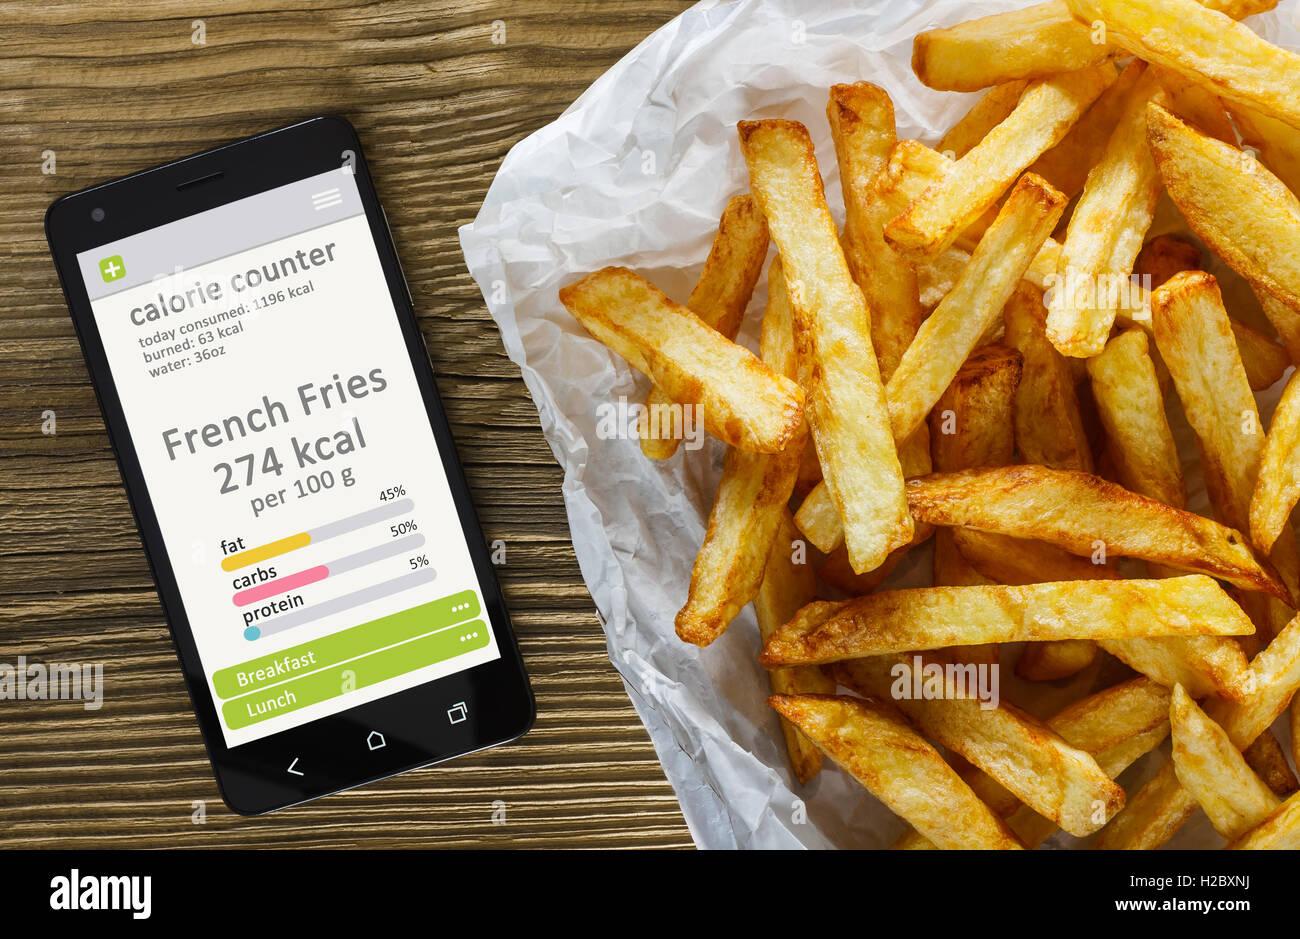 Kalorien Zähler Konzept Handy Mit Kalorien Zähler App Auf Dem